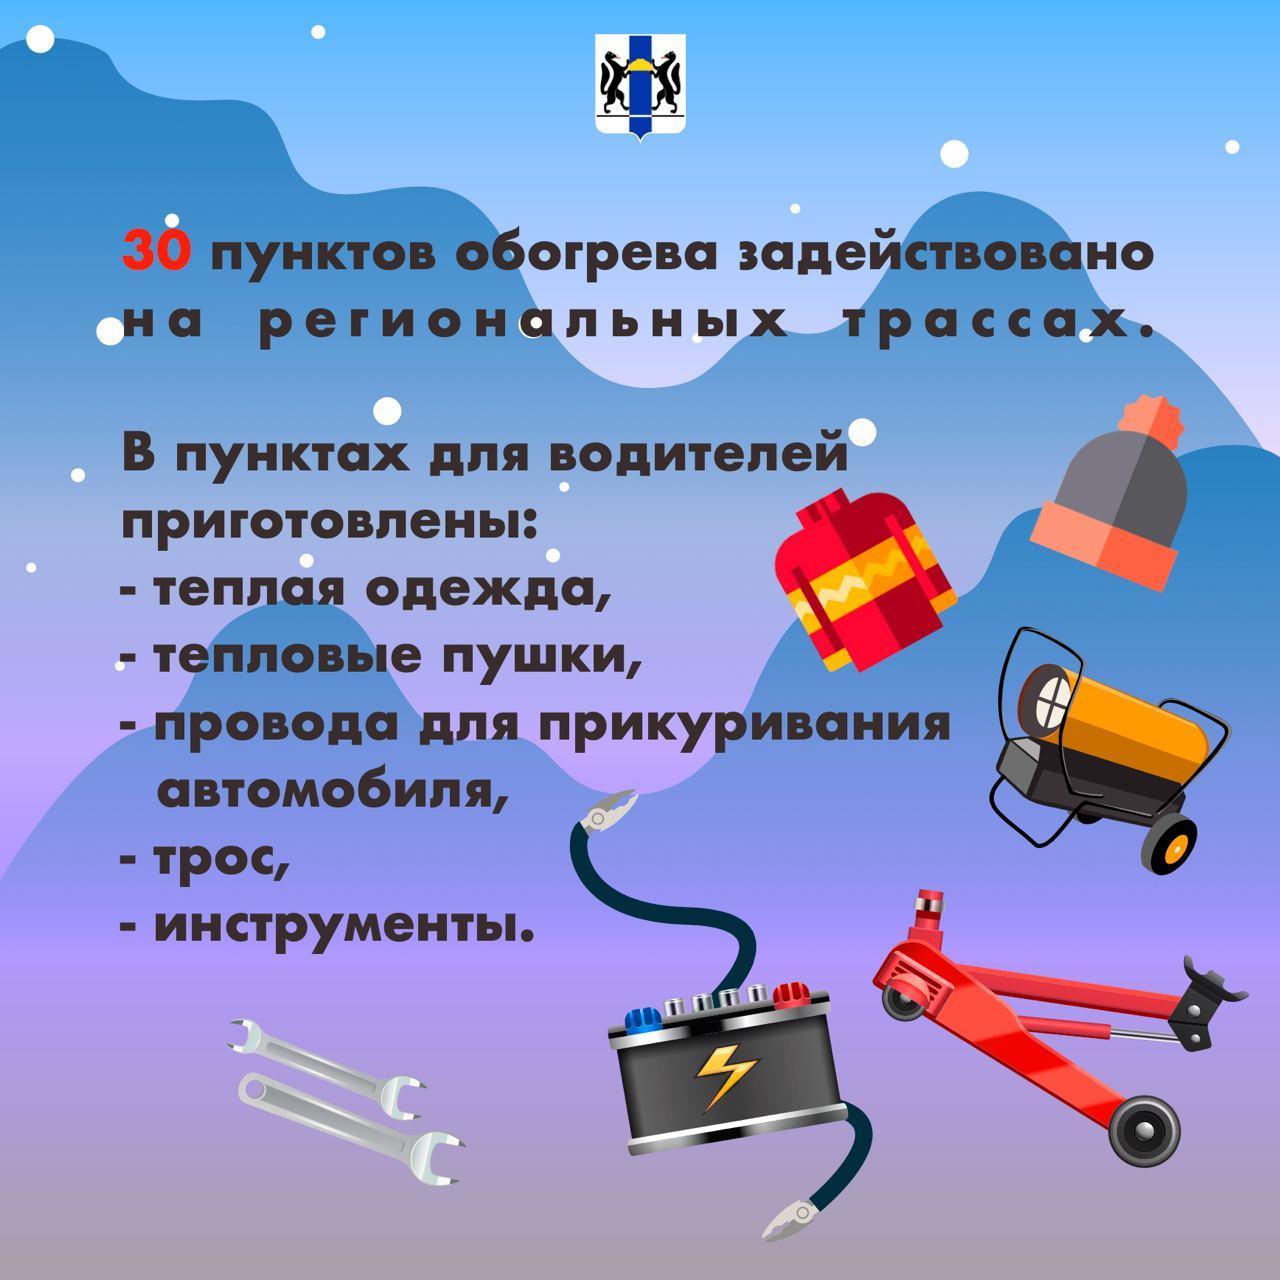 фото Кто поможет в мороз на трассе: полезная информация в картинках от новосибирского правительства 4